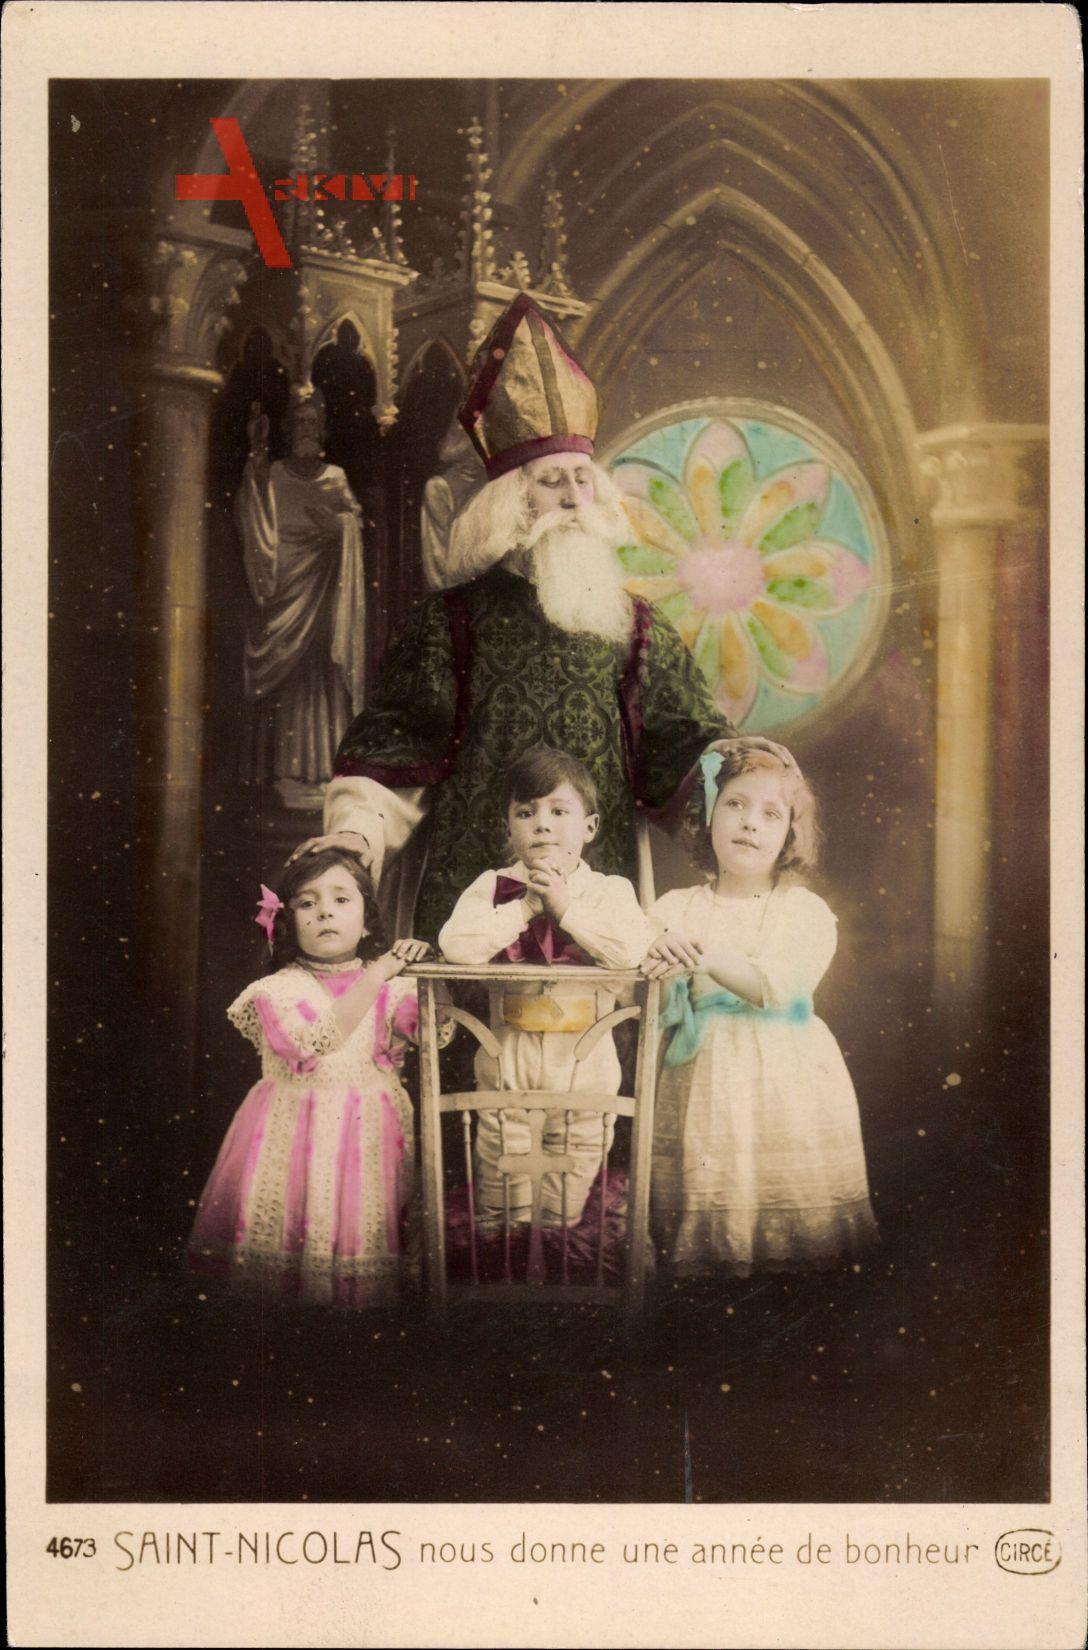 Frohe Weihnachten, Weihnachtsmann, Kinder, Saint Nicolas, Nikolaus